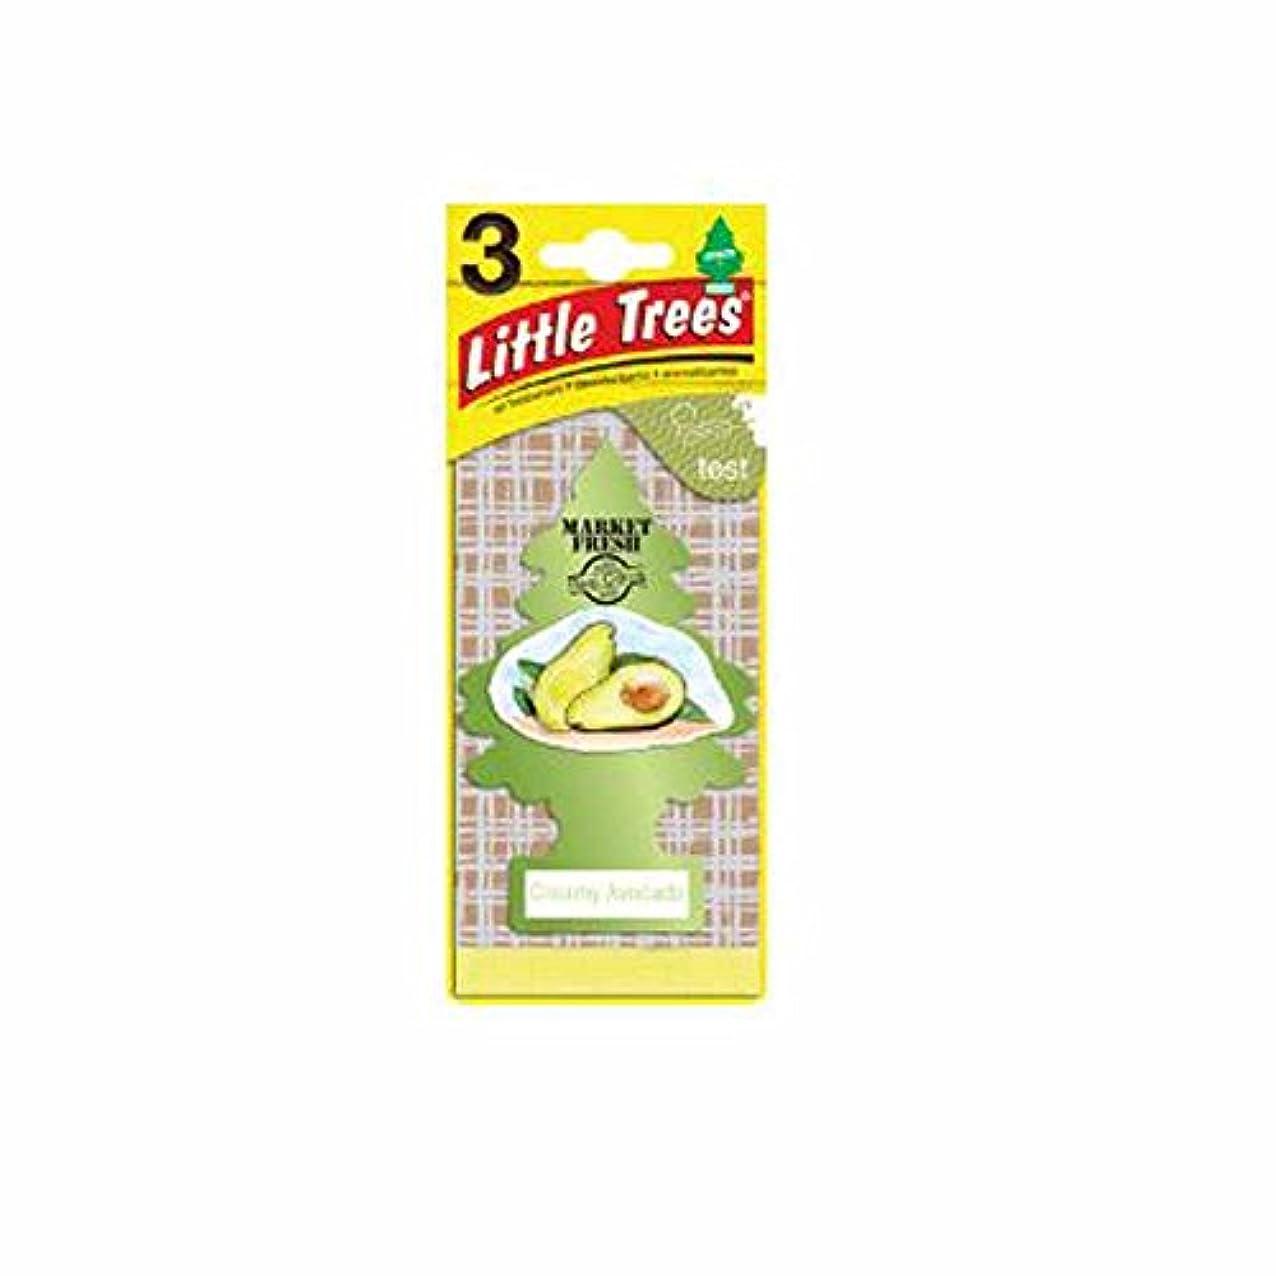 チューブフォローピクニックをするLittle Trees 吊下げタイプ エアーフレッシュナー creamy avocado(クリーミーアボカド) 3枚セット(3P) U3S-37340